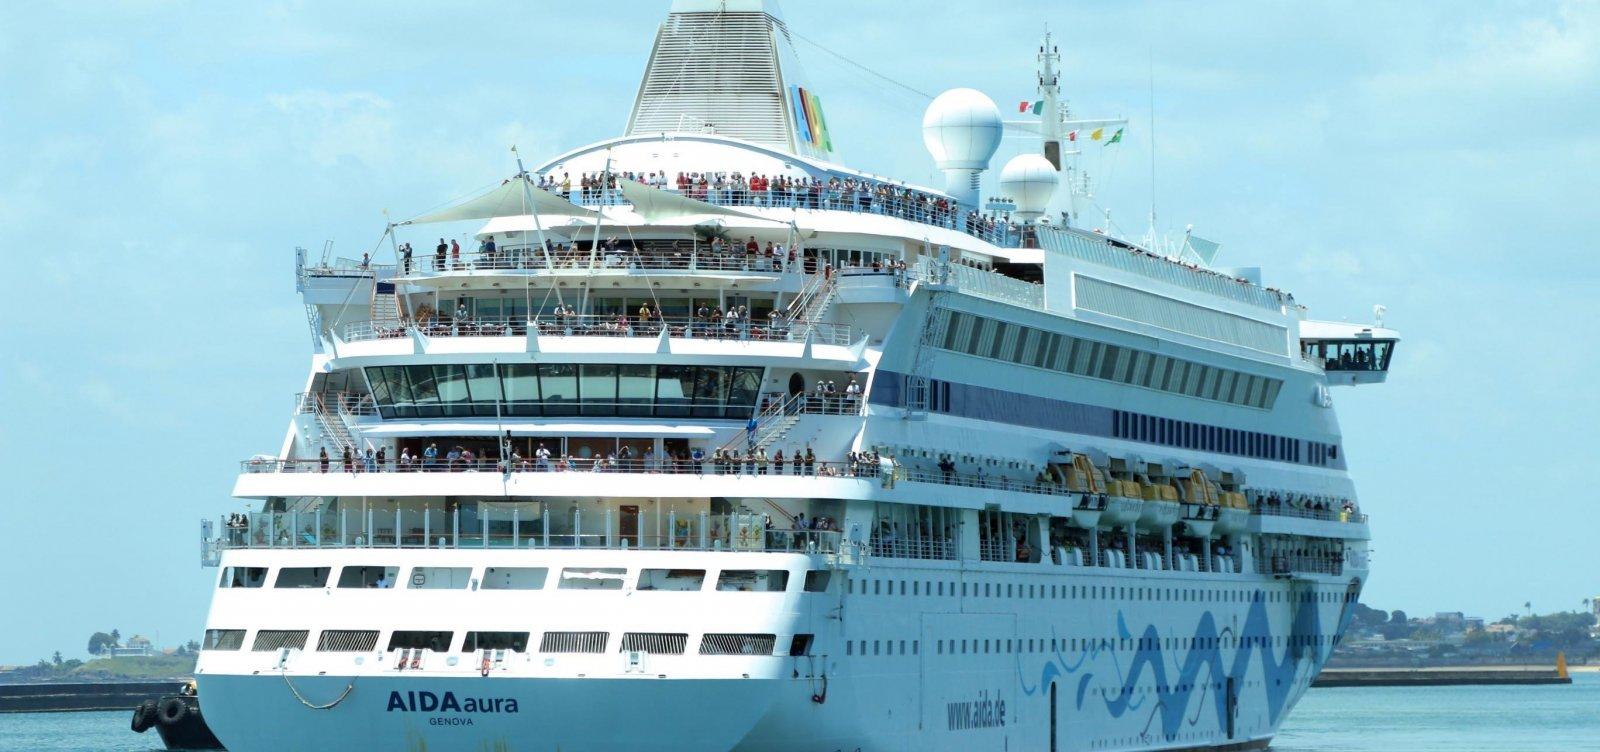 Temporada de cruzeiros em Salvador começa hoje; capital deve receber mais de 60 navios